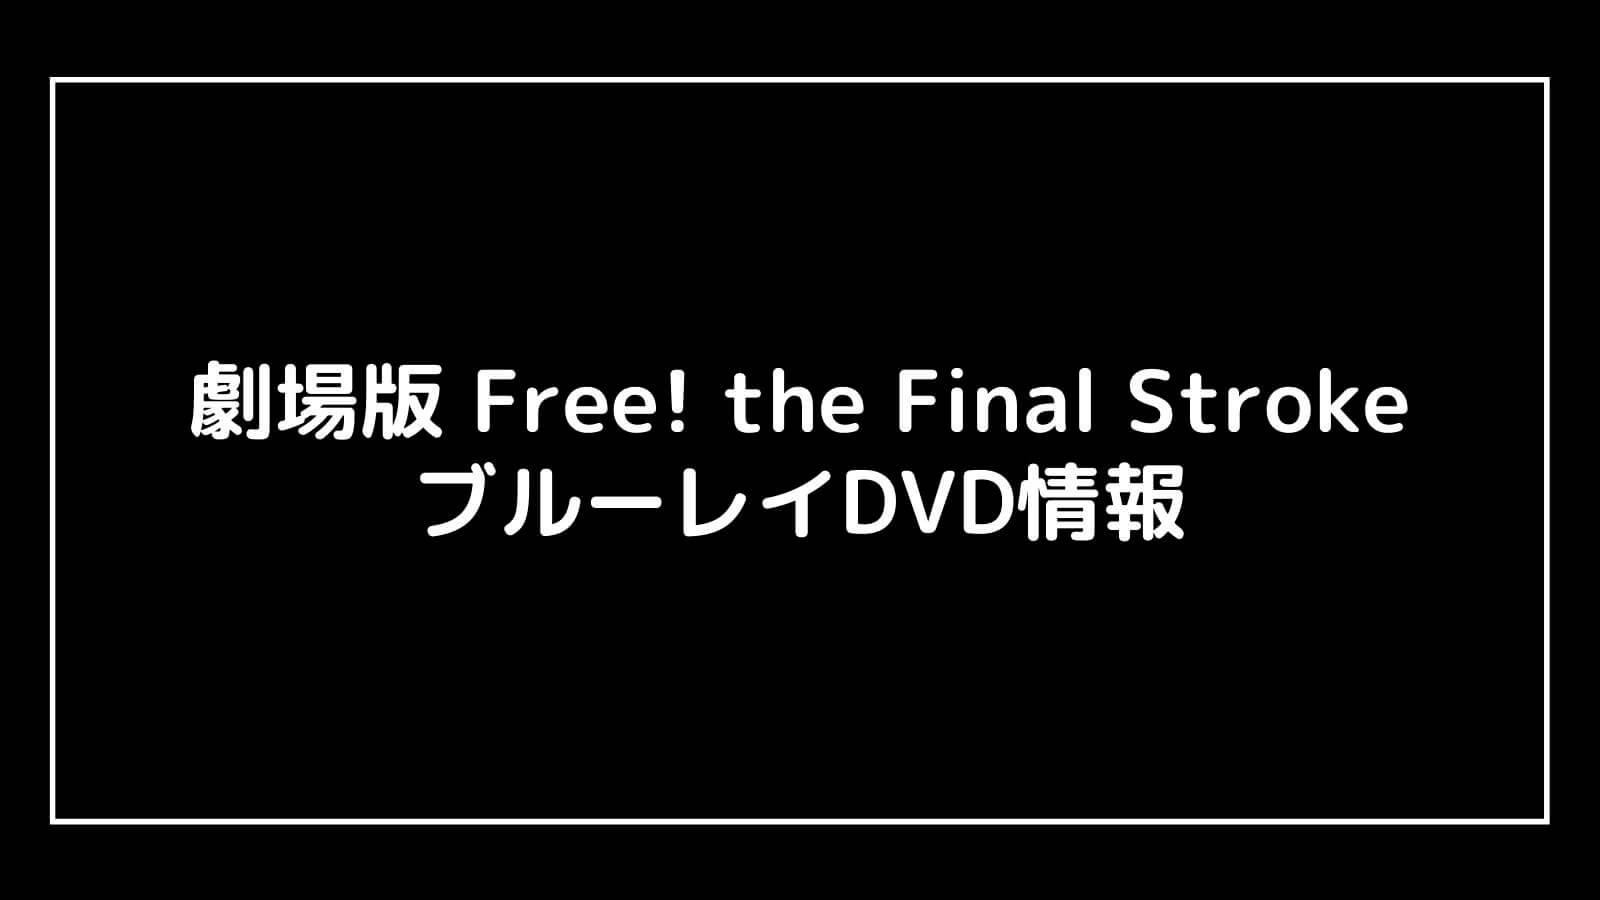 映画『Free! the Final Stroke(2021)』のDVD発売日と予約開始日はいつから?円盤情報まとめ